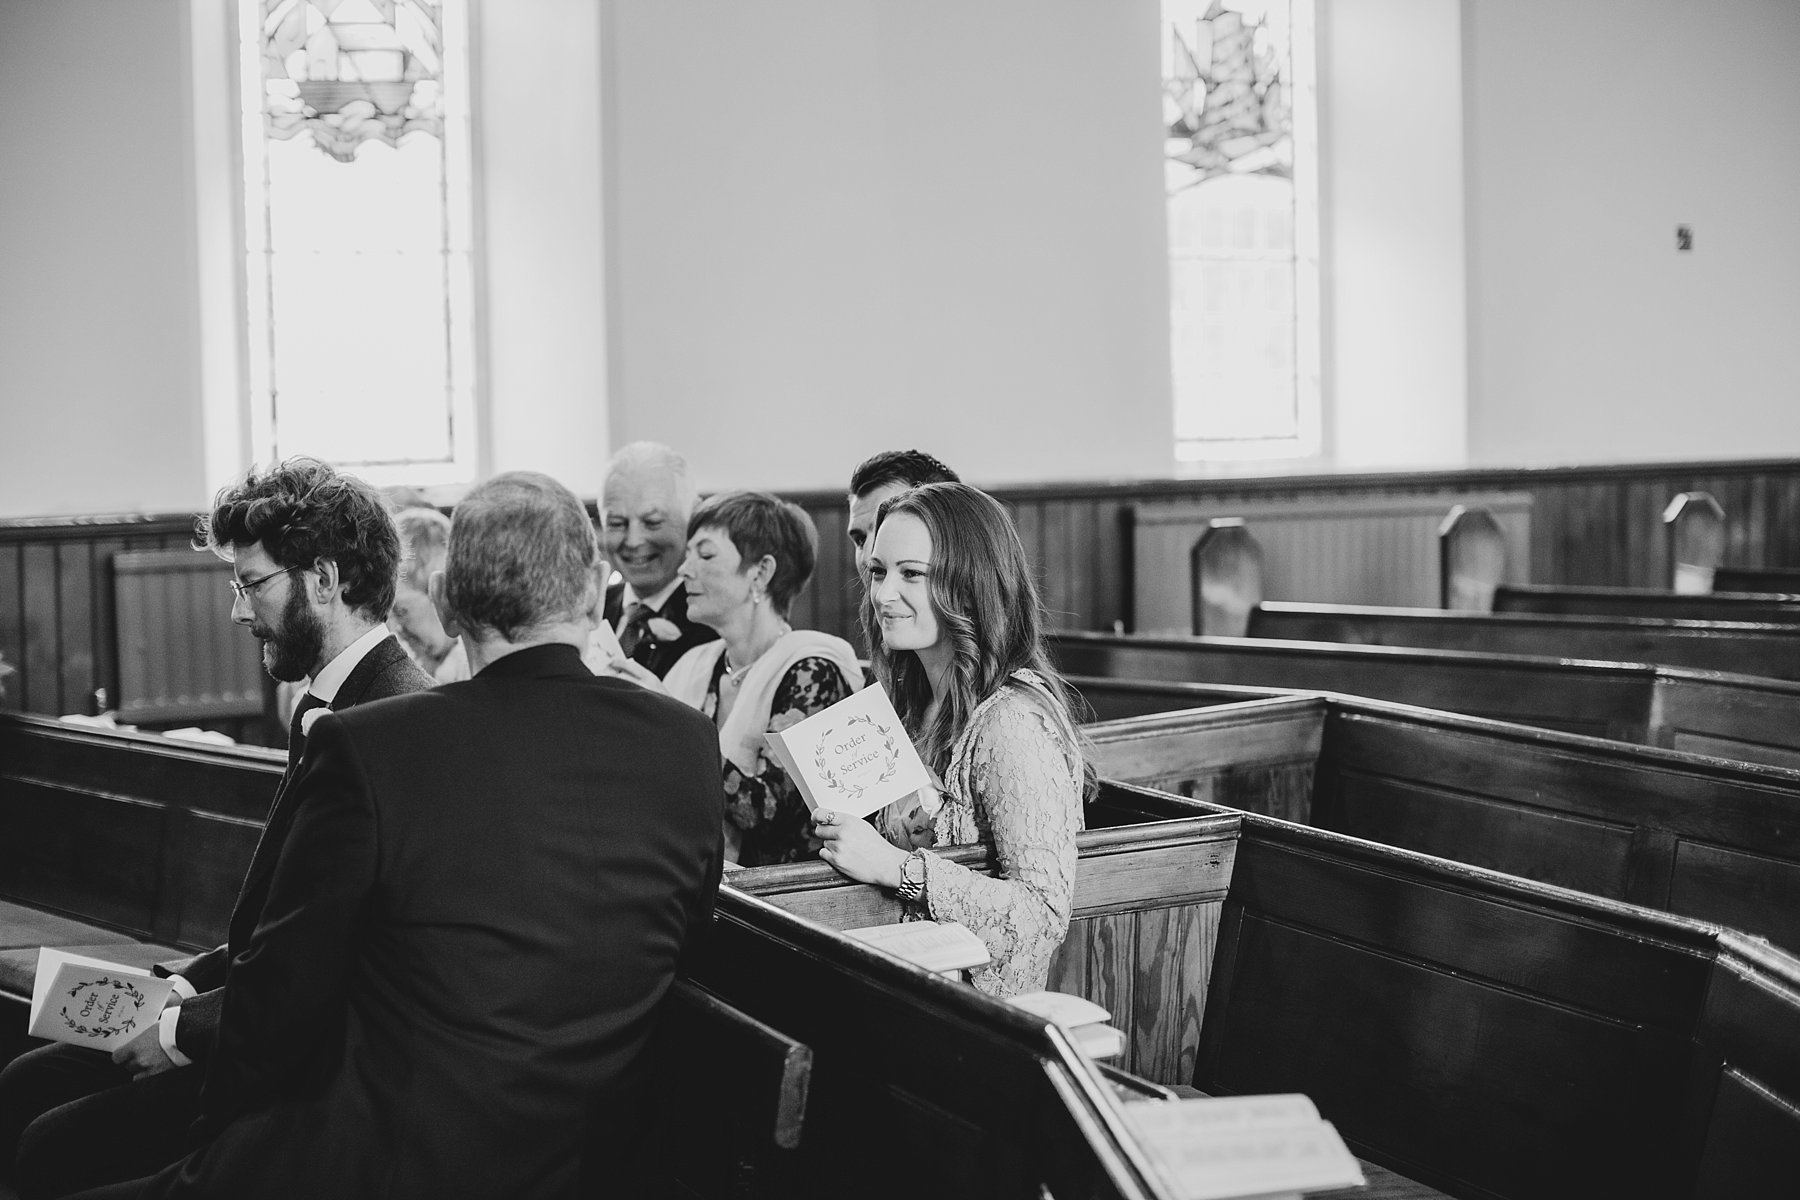 hornhead_donegak_elopement_weddings_0028